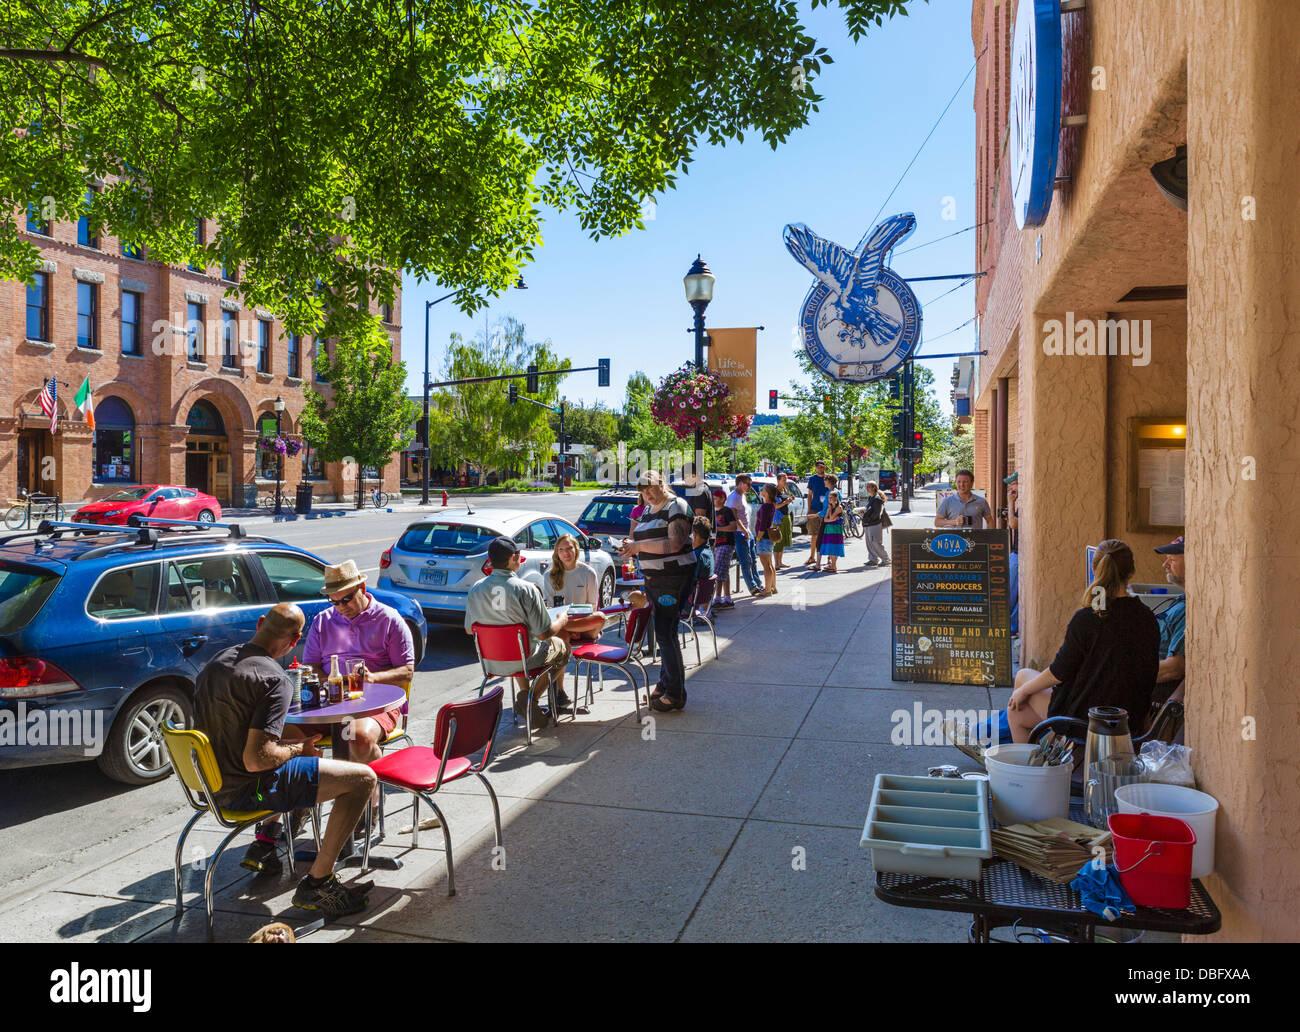 Café en la acera de la calle principal en el centro de la ciudad de Bozeman, Montana, EE.UU. Imagen De Stock